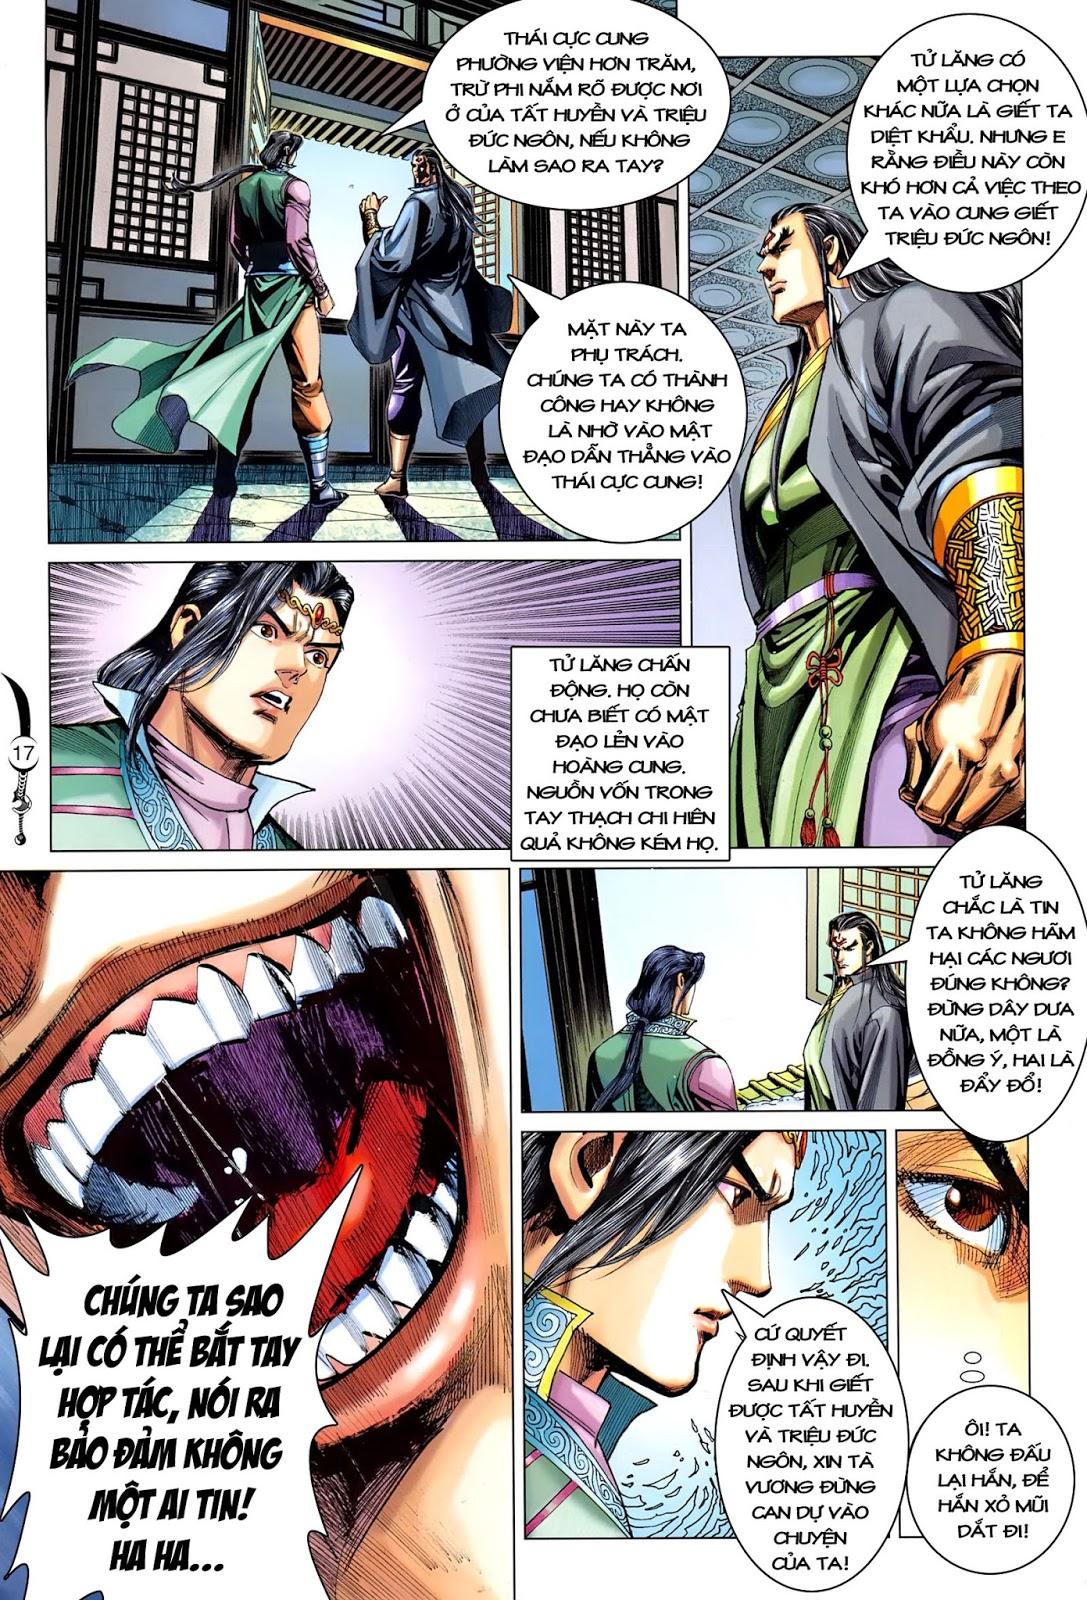 Đại Đường Song Long Truyện chap 216 - Trang 19